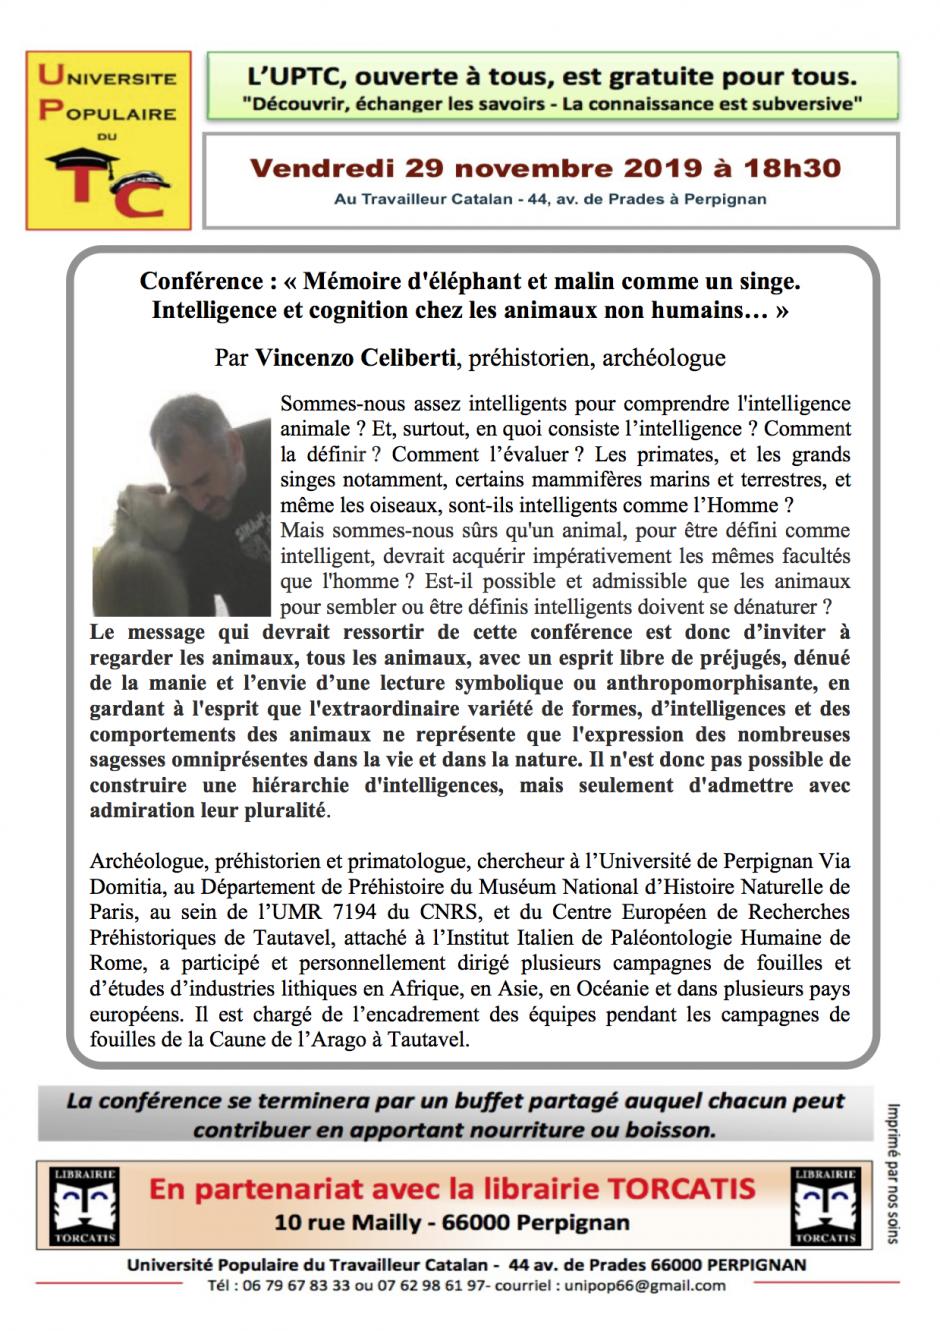 UPTC. « Mémoire d'éléphant et malin comme un singe. Intelligence et cognition chez les animaux non humains... »